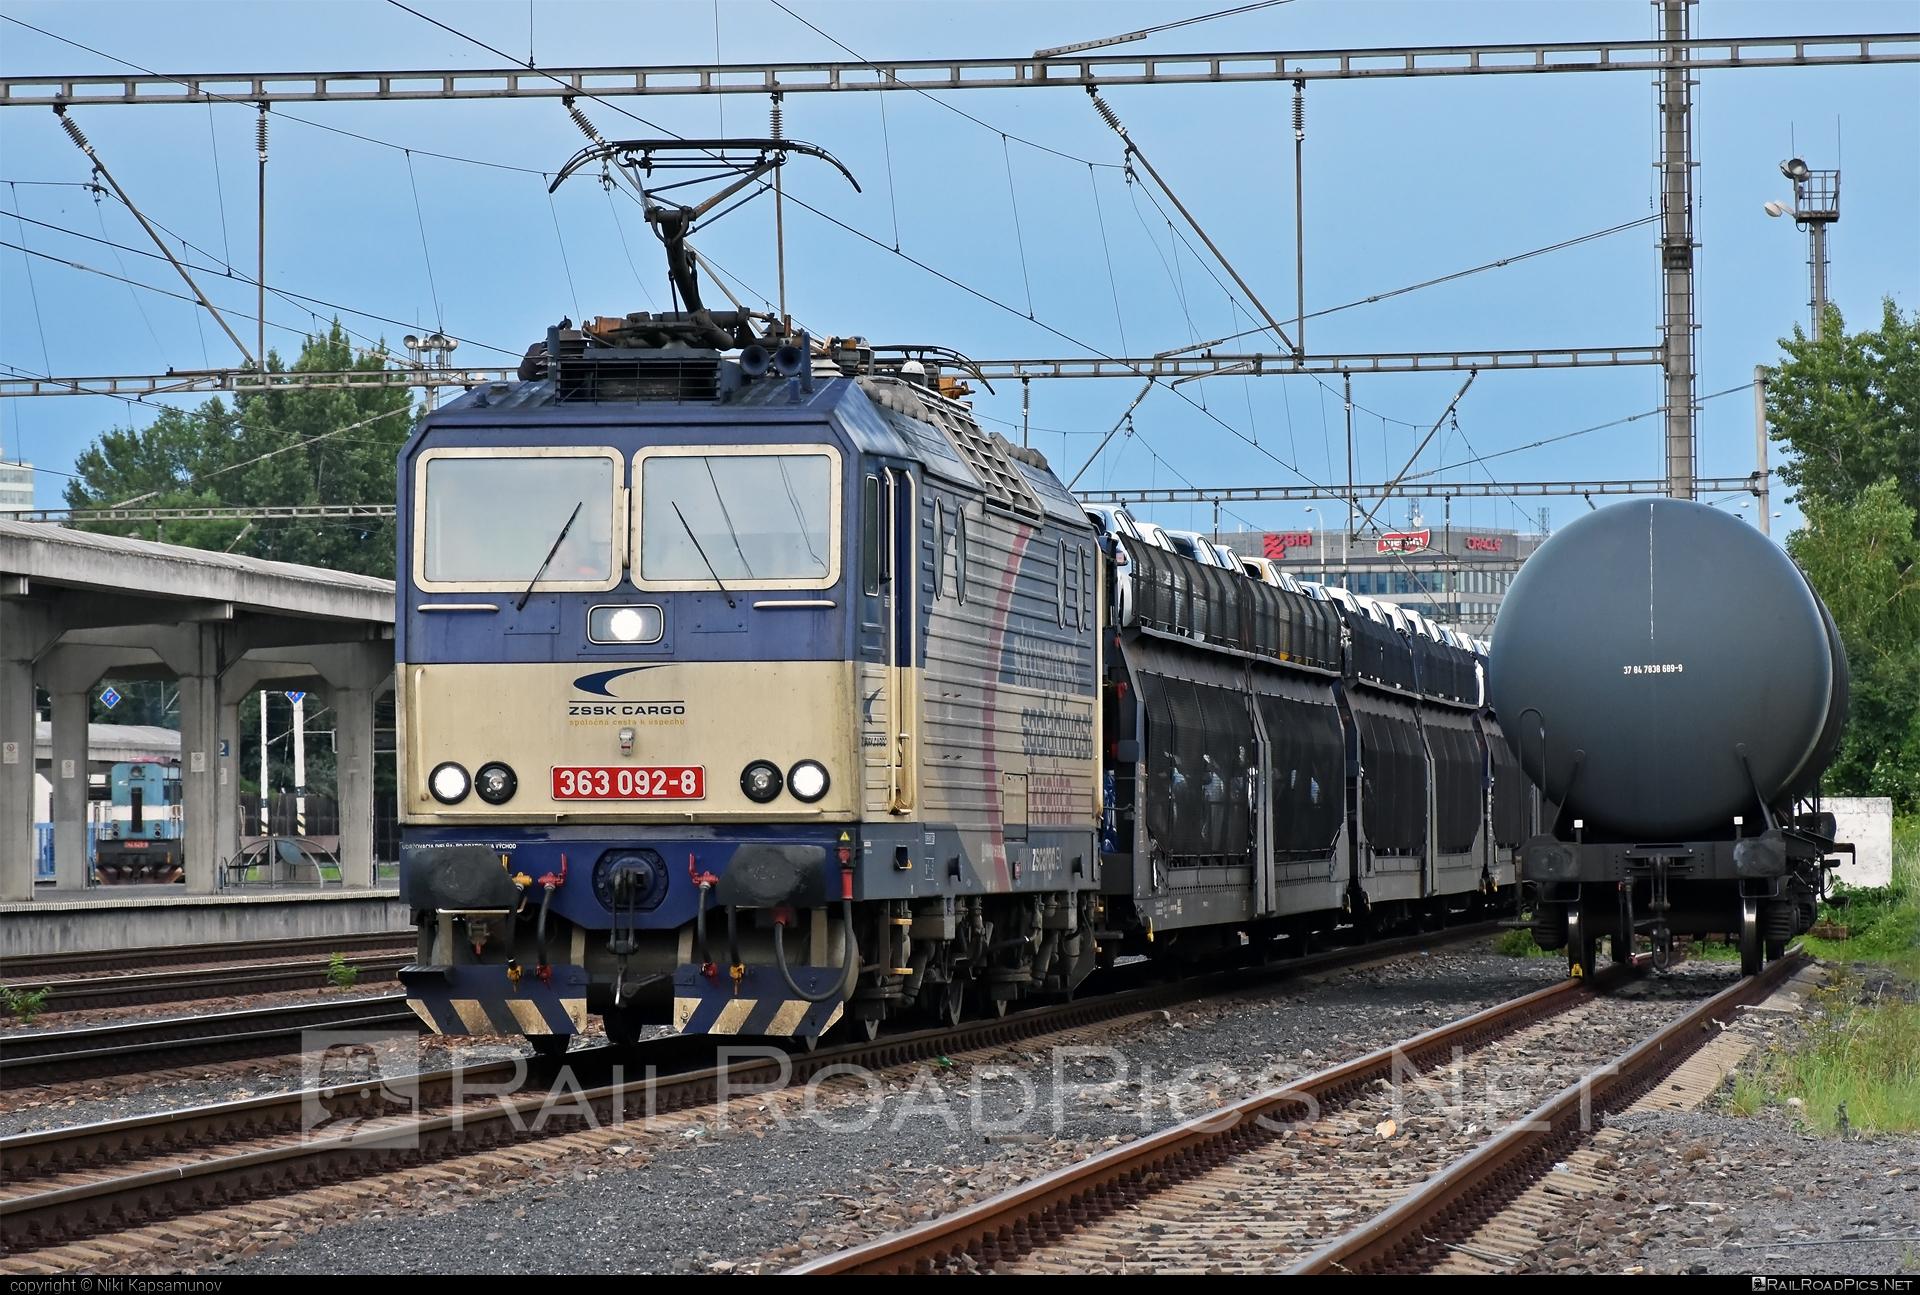 Škoda 69E - 363 092-8 operated by Železničná Spoločnost' Cargo Slovakia a.s. #ZeleznicnaSpolocnostCargoSlovakia #carcarrierwagon #es4991 #eso #locomotive363 #skoda #skoda69e #zsskcargo